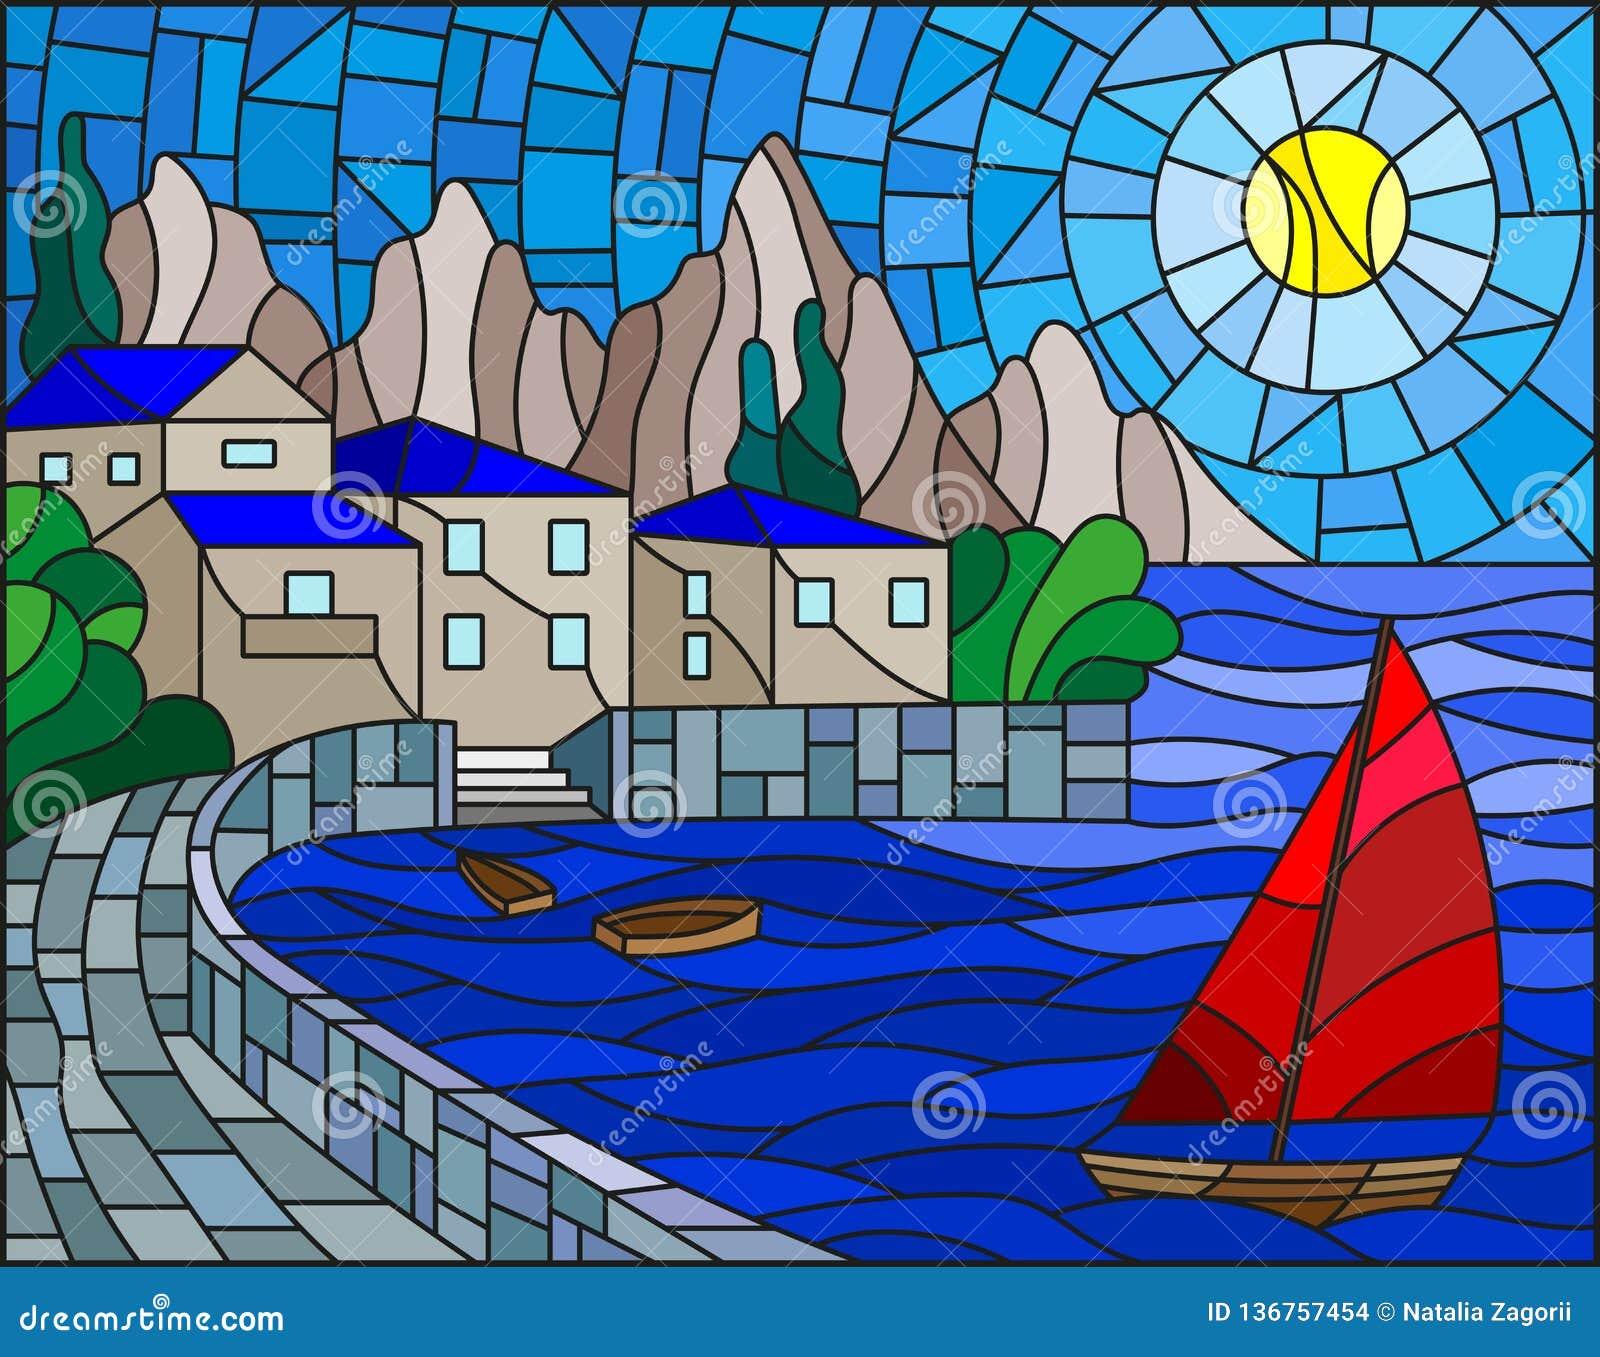 Illustration en verre souillé avec un voilier sur le fond de la baie avec la ville, la mer et le soleil du ciel de jour